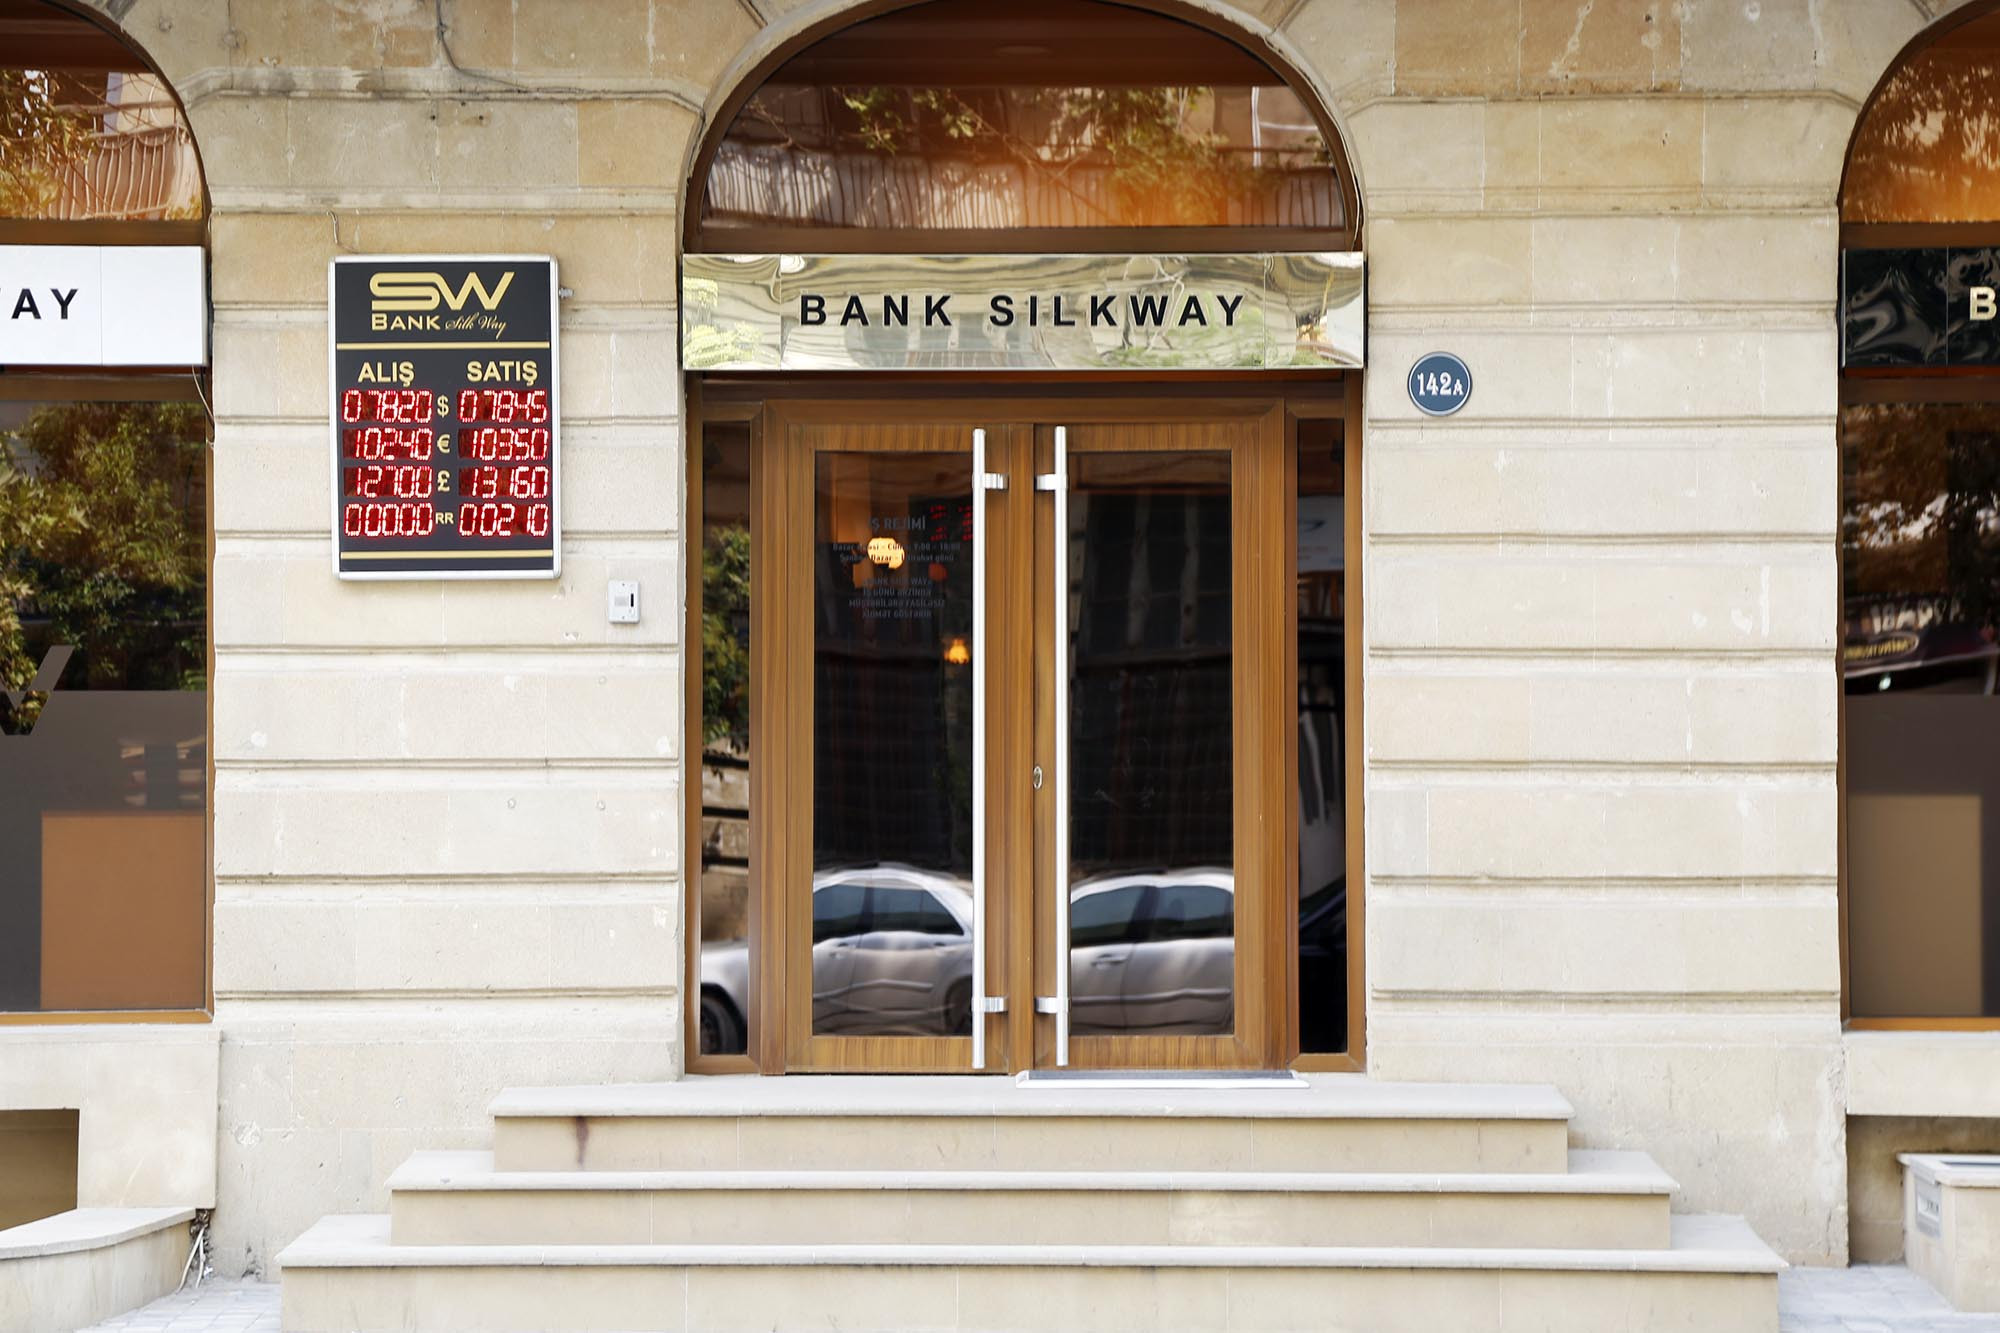 Bank Silk Way-in mənfəəti artıb - HESABAT